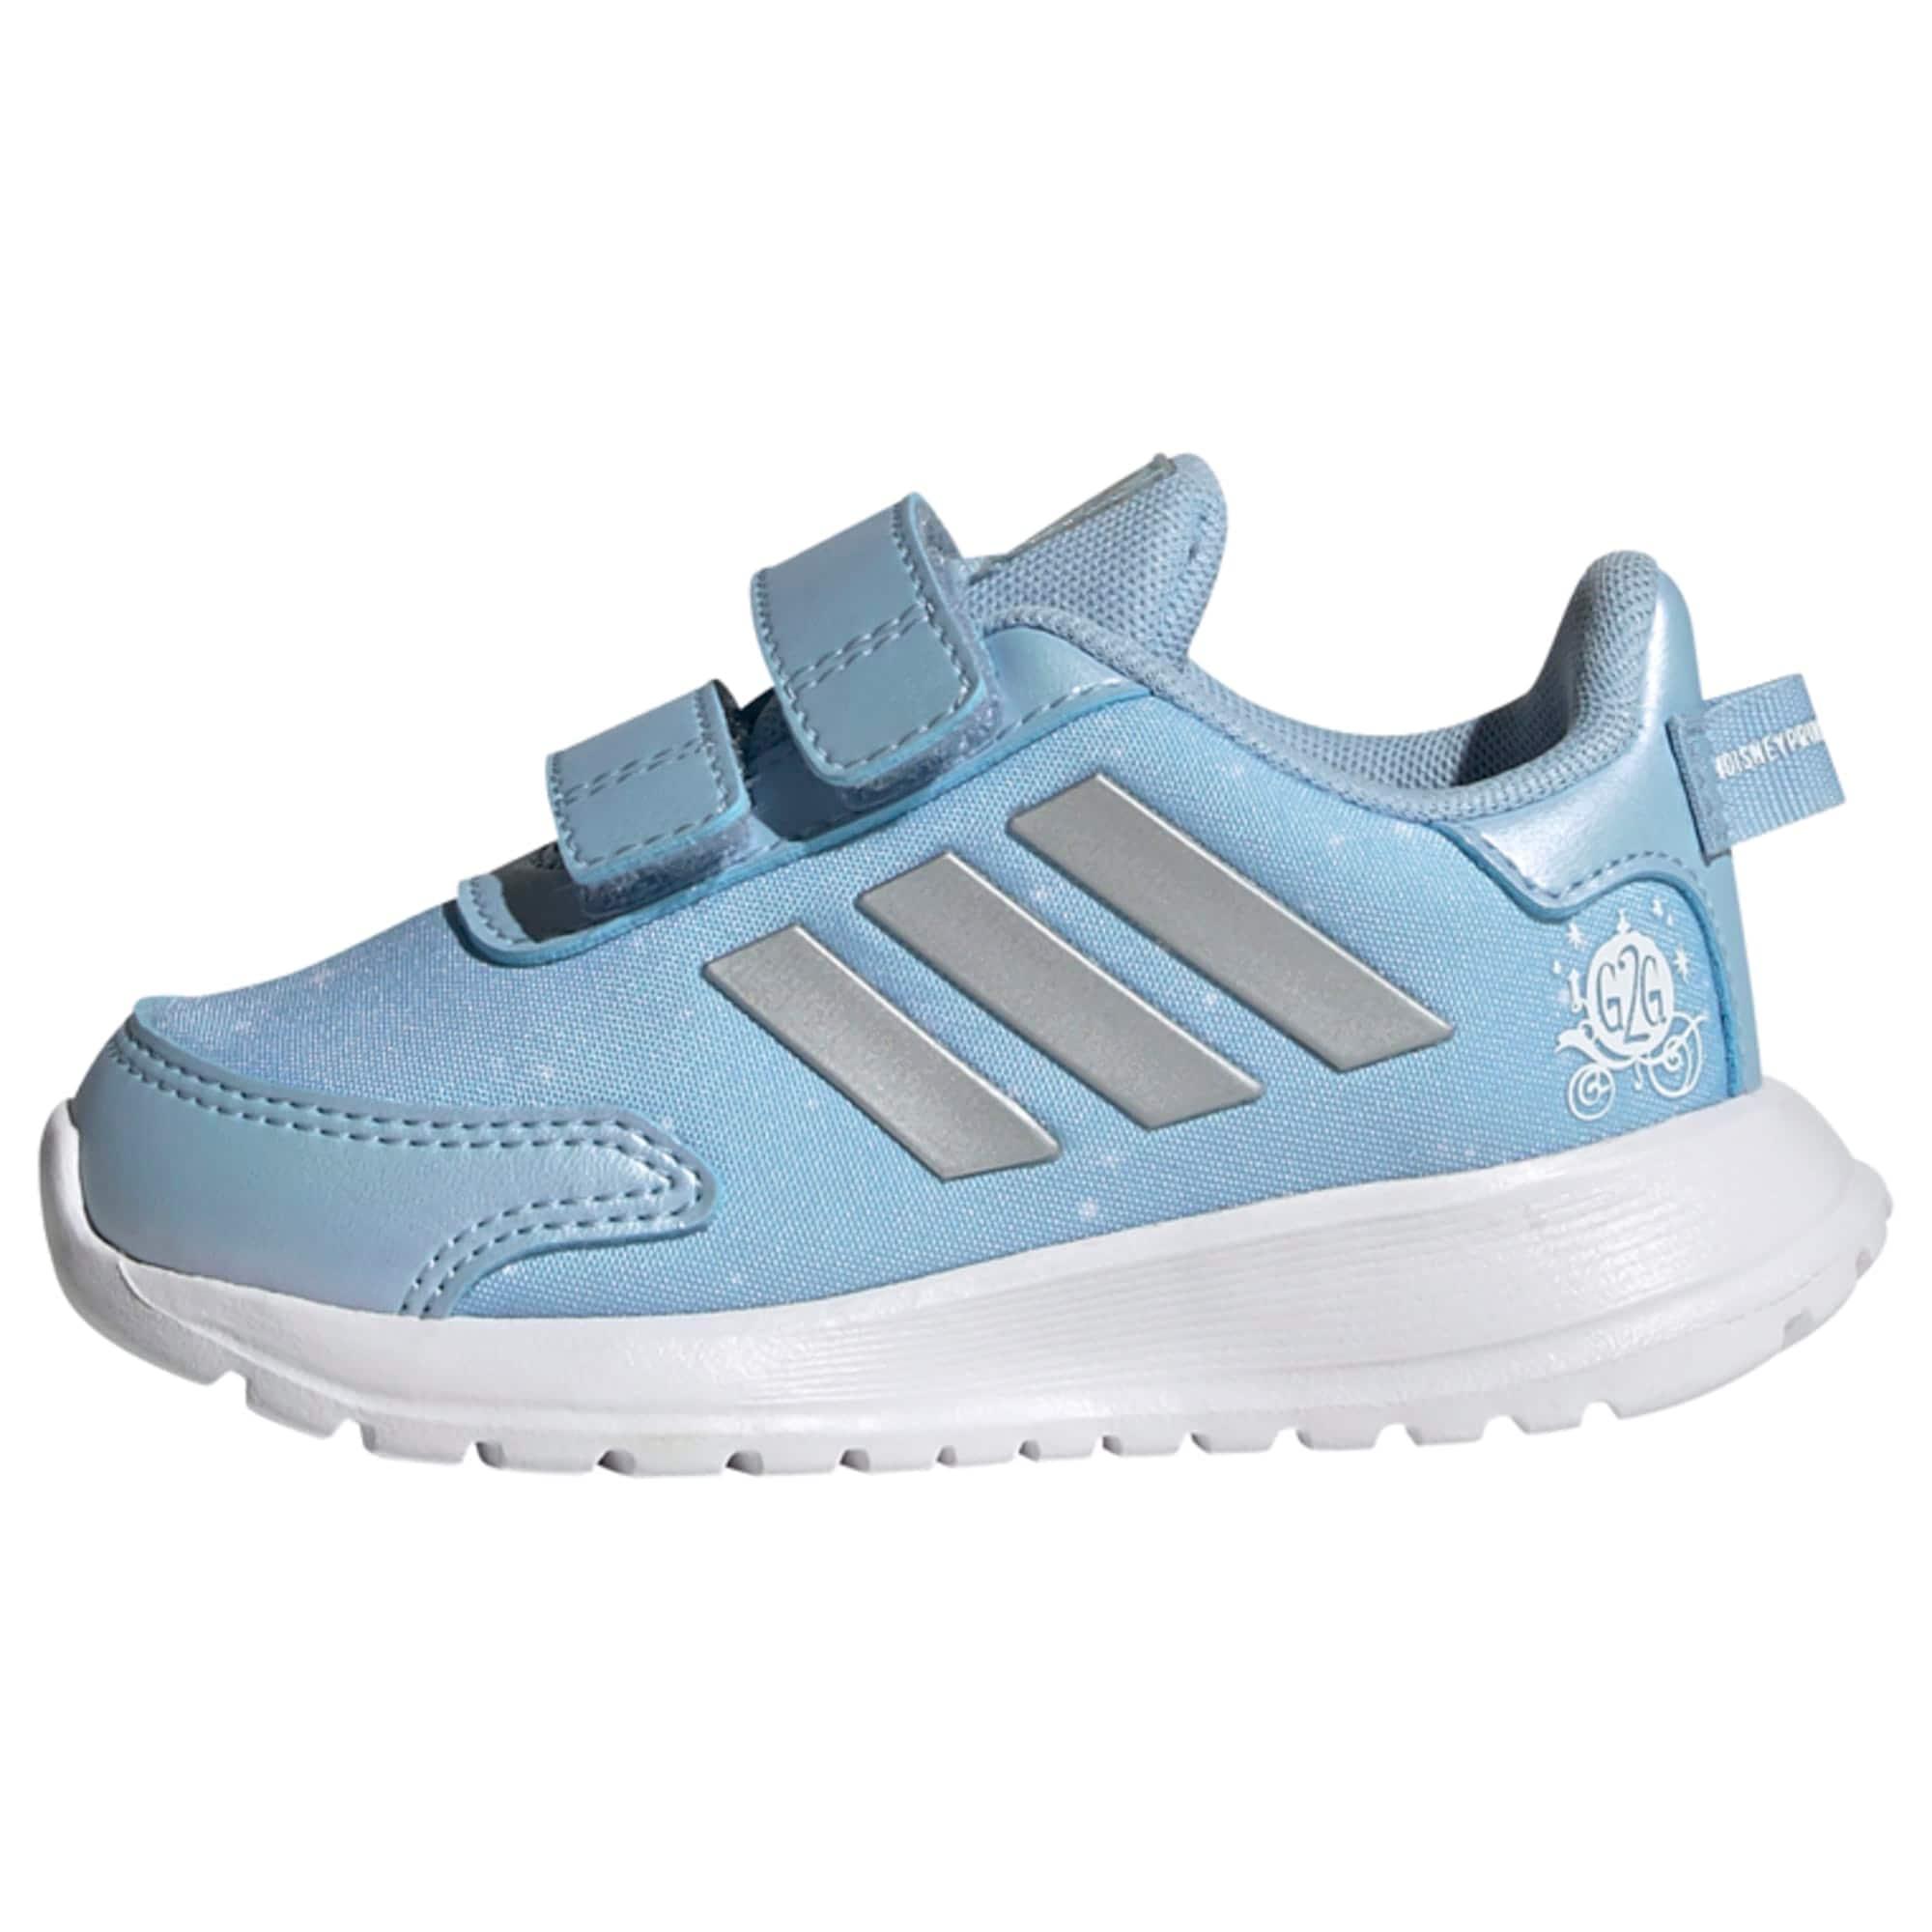 ADIDAS PERFORMANCE Sportiniai batai 'Tensaur Run' mėlyna / pilka / balta